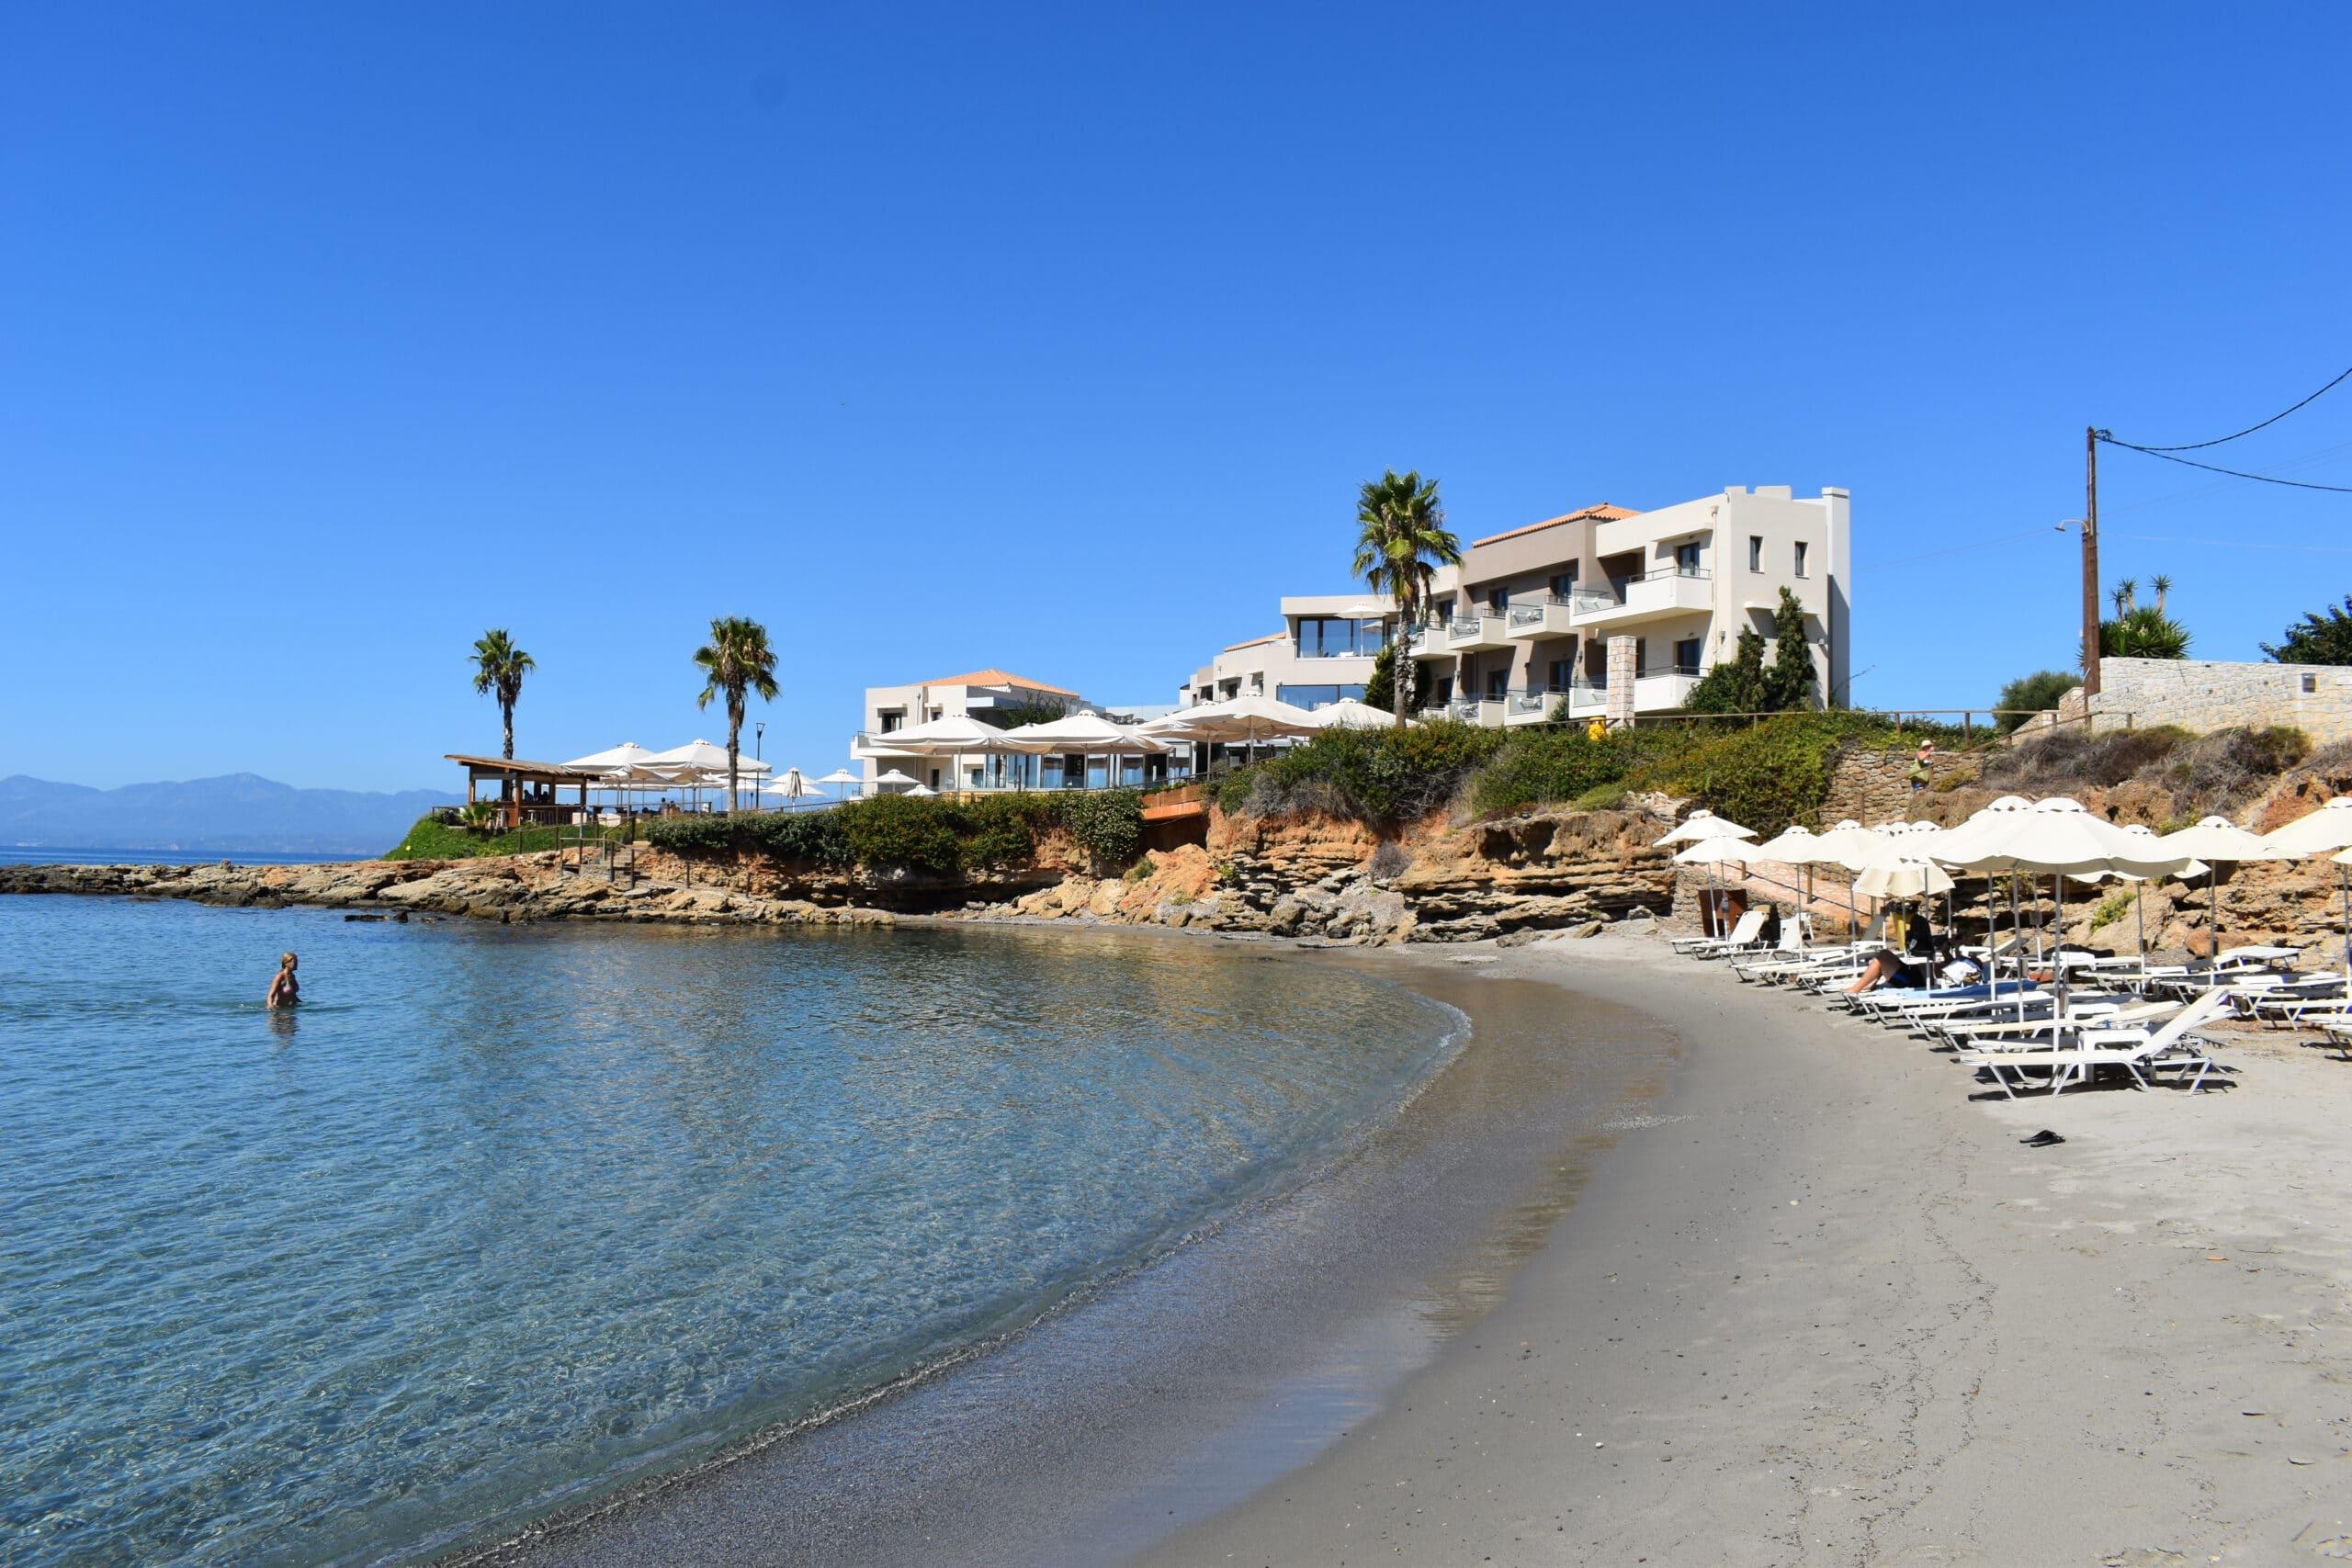 Huwelijksreis in Europa. Alas Resort op Peloponnesos, Griekenland.